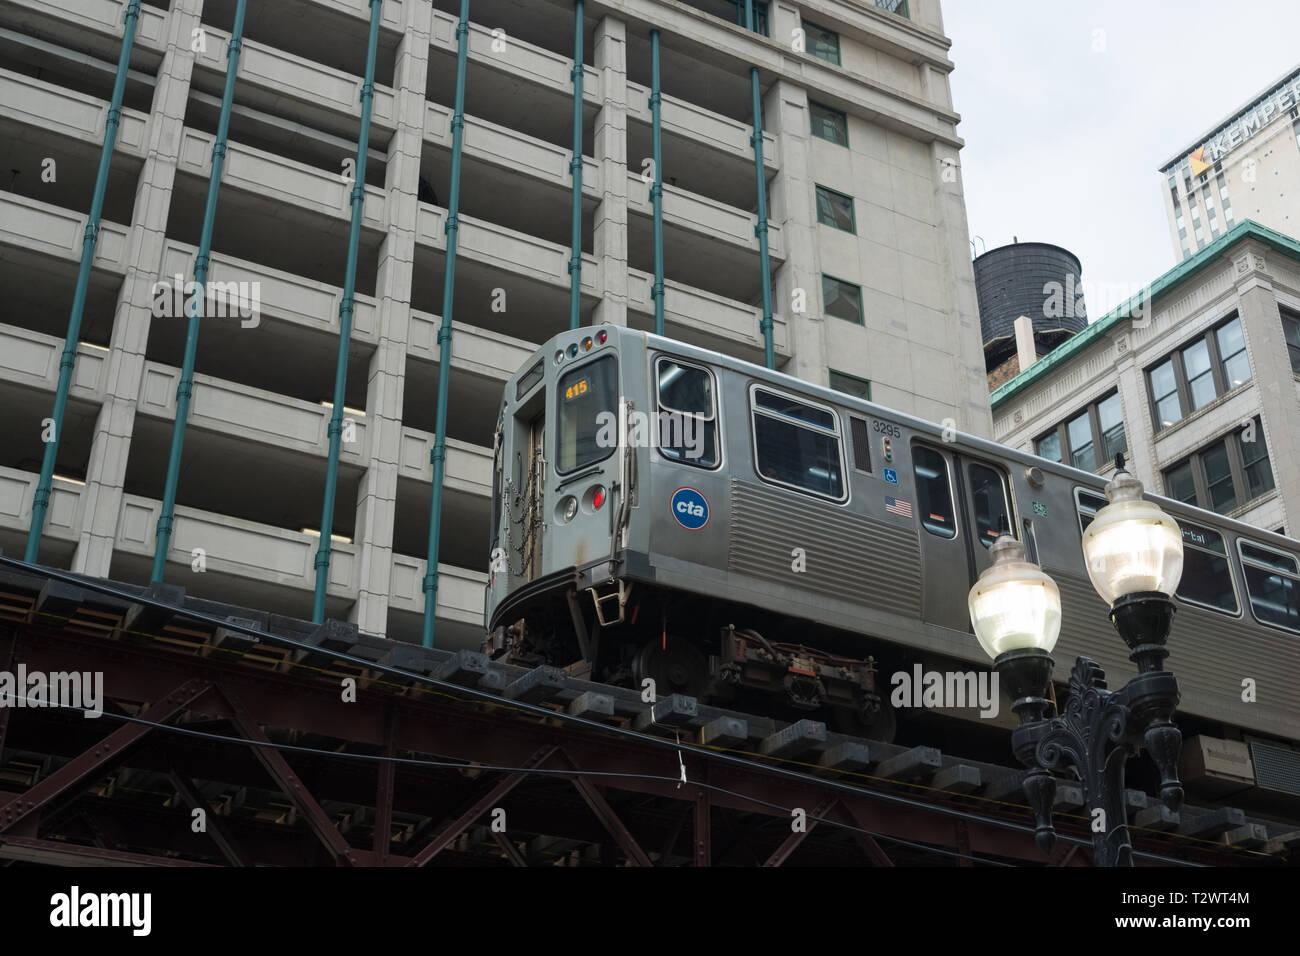 Elevated subway train, N Wabash Avenue, Chicago, Illinois - Stock Image